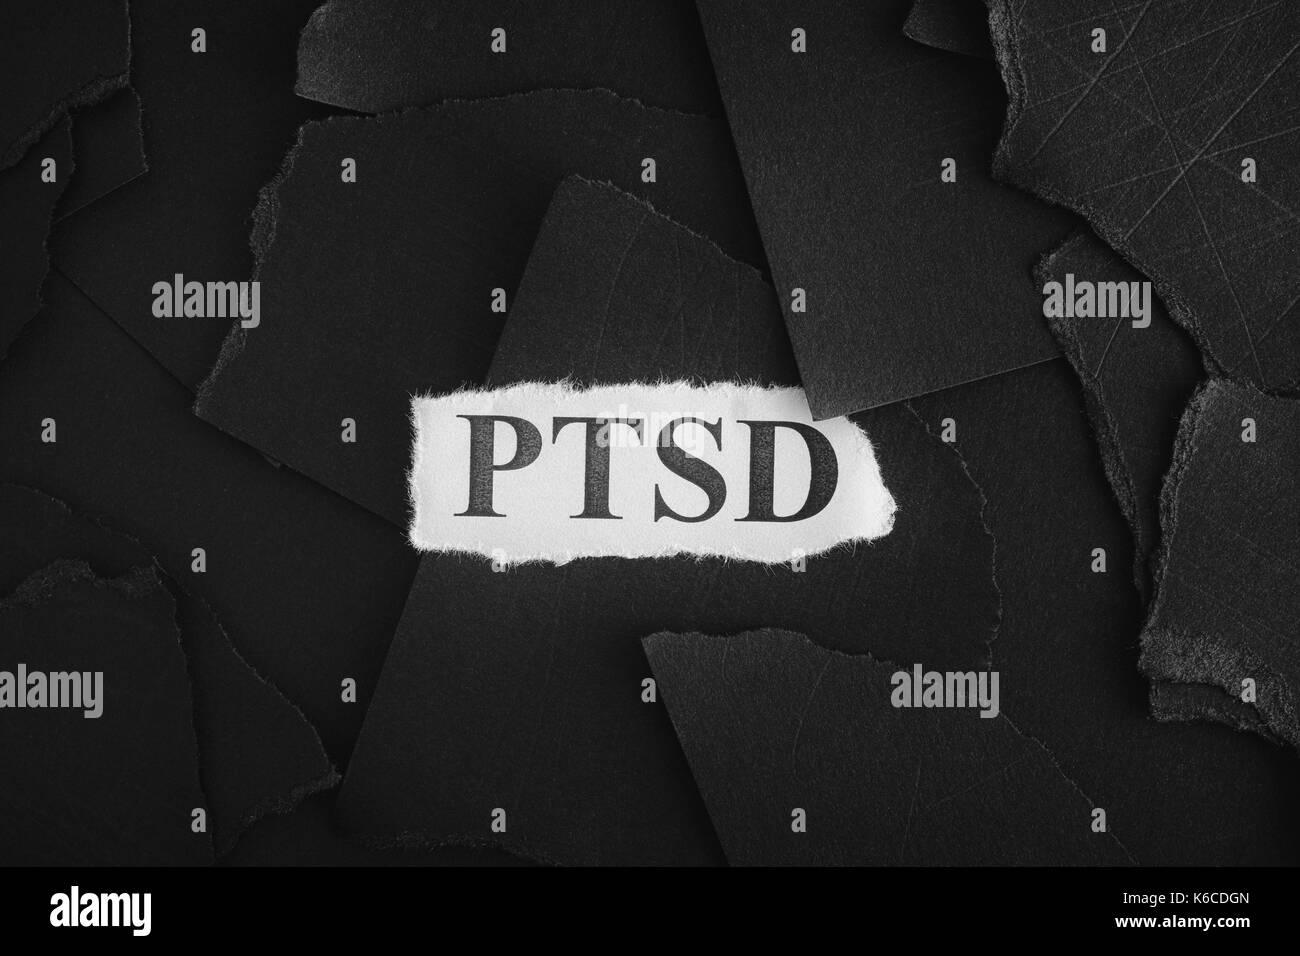 El trastorno de estrés postraumático. trozos de papel negro y palabras estrés postraumático. Concepto imagen. blanco y negro. closeup. Imagen De Stock